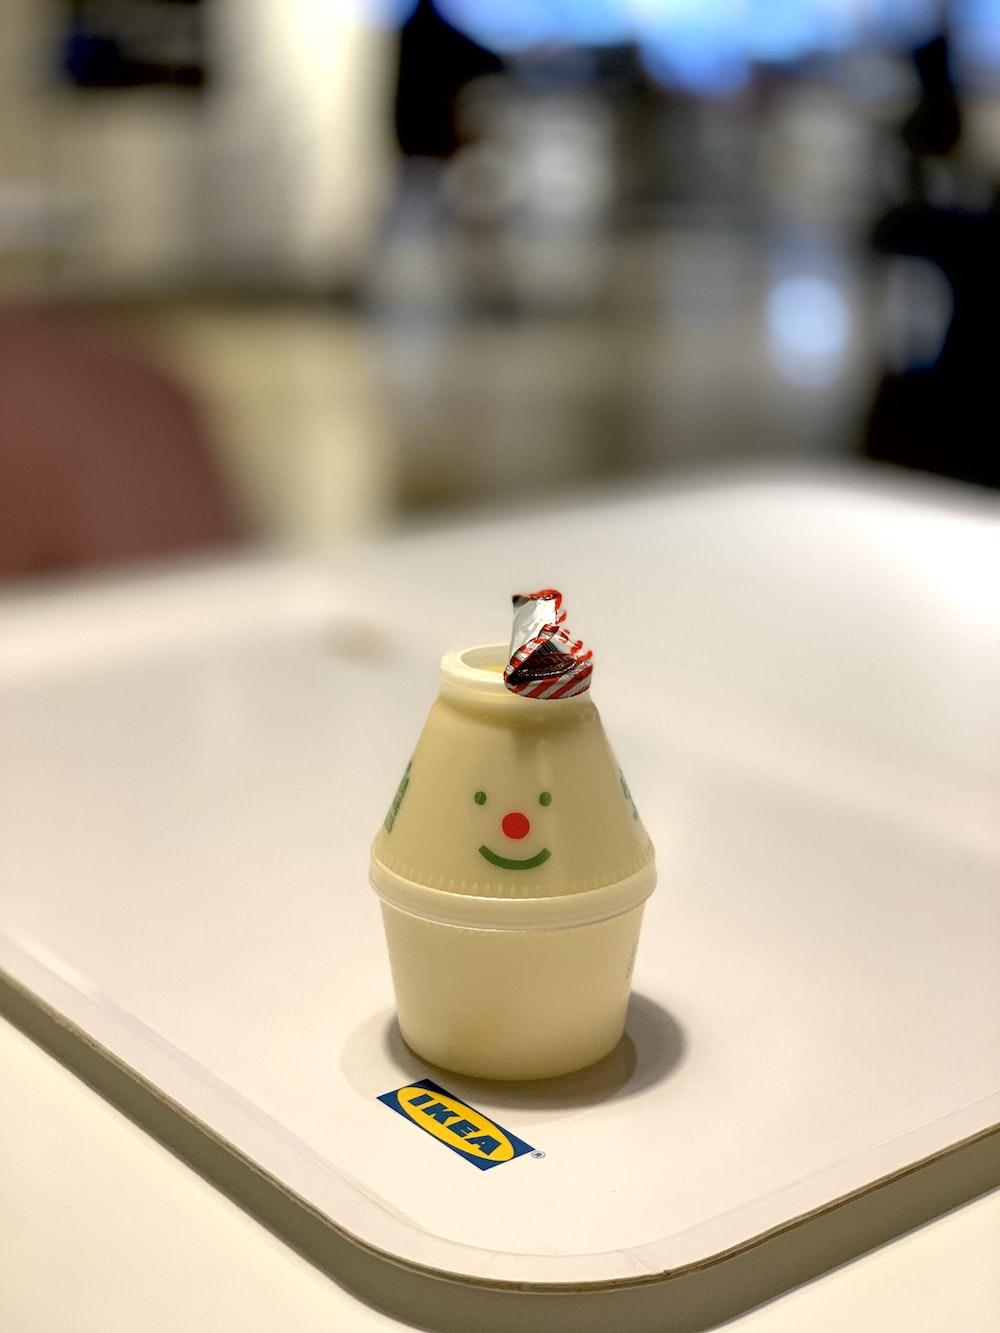 white plastic cone toy on white IKEA tray